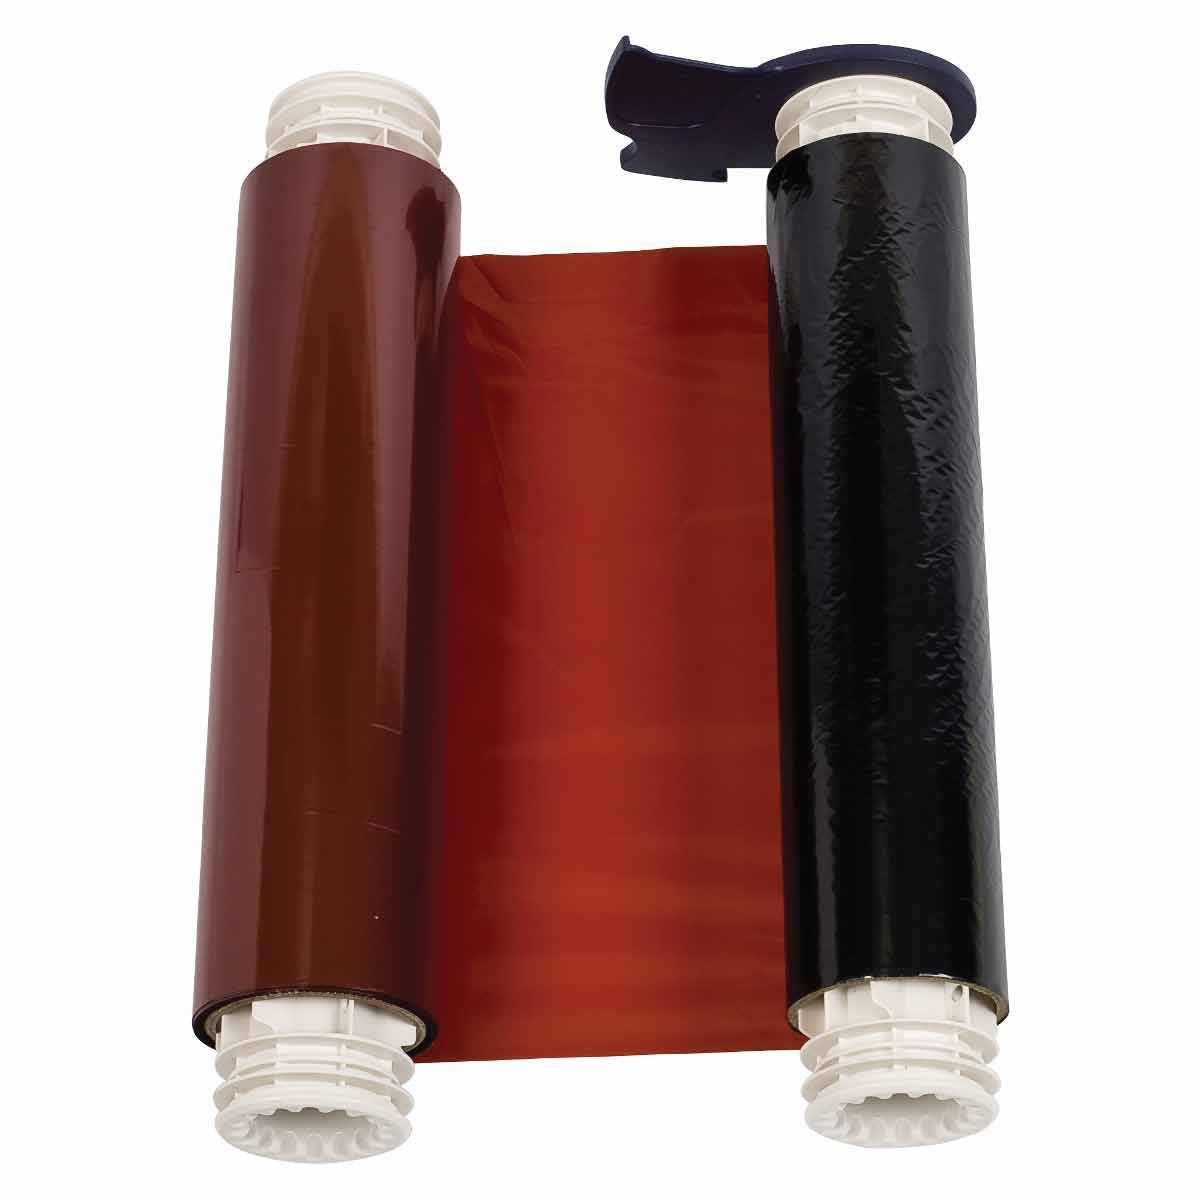 Brady® 13513 R10000 1-Color Industrial Grade Printer Ribbon, 200 ft L x 6-1/4 in W, Resin, White